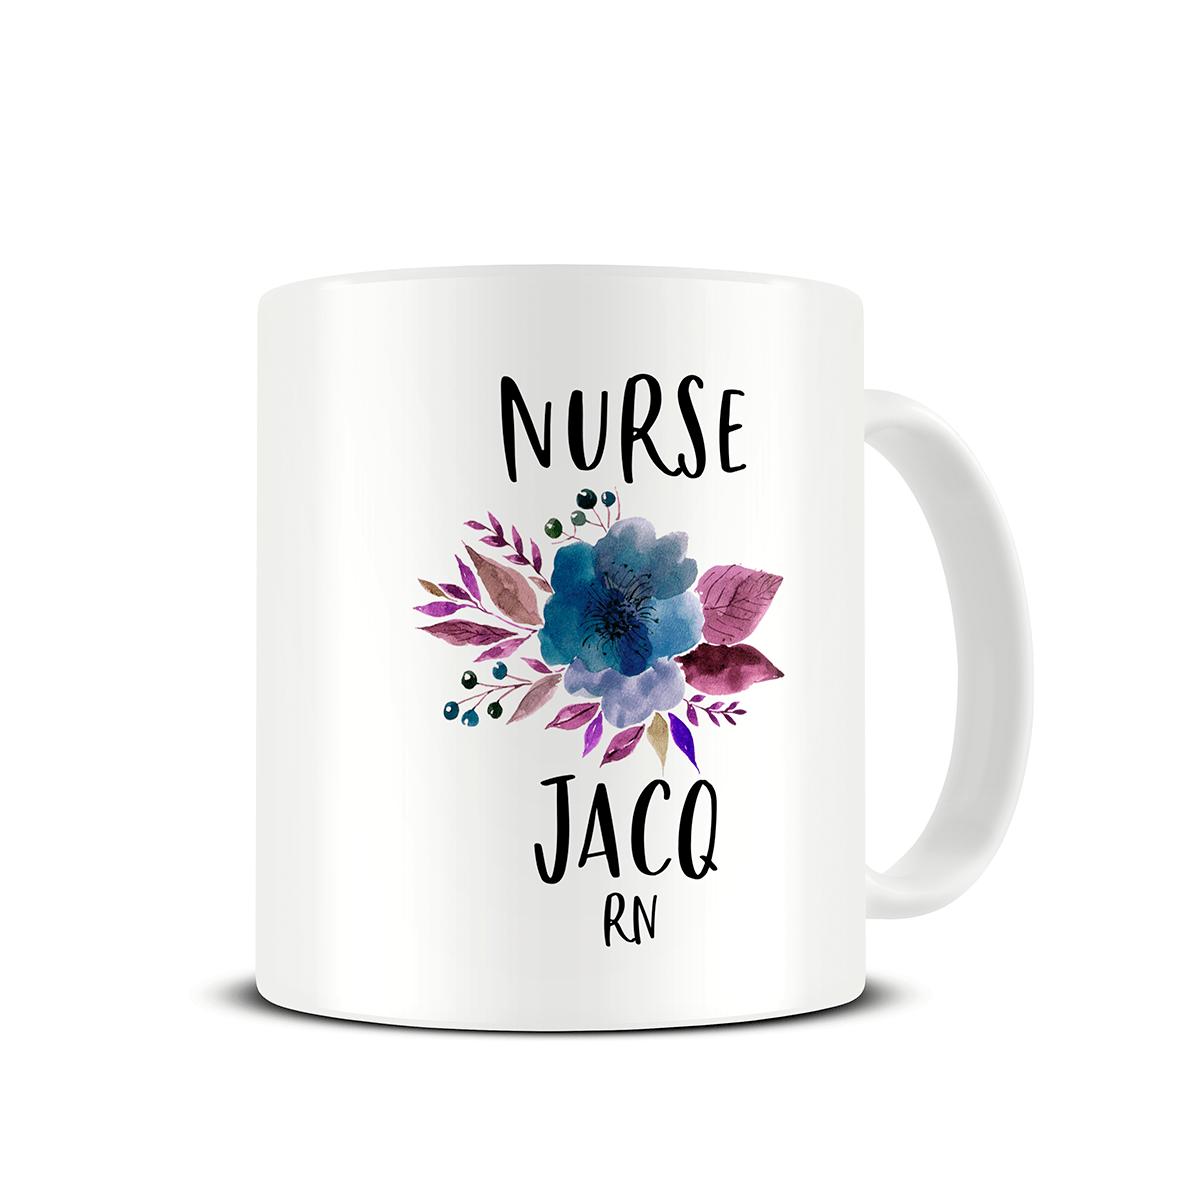 personalised-nurse-graduation-gift-mug-magoo